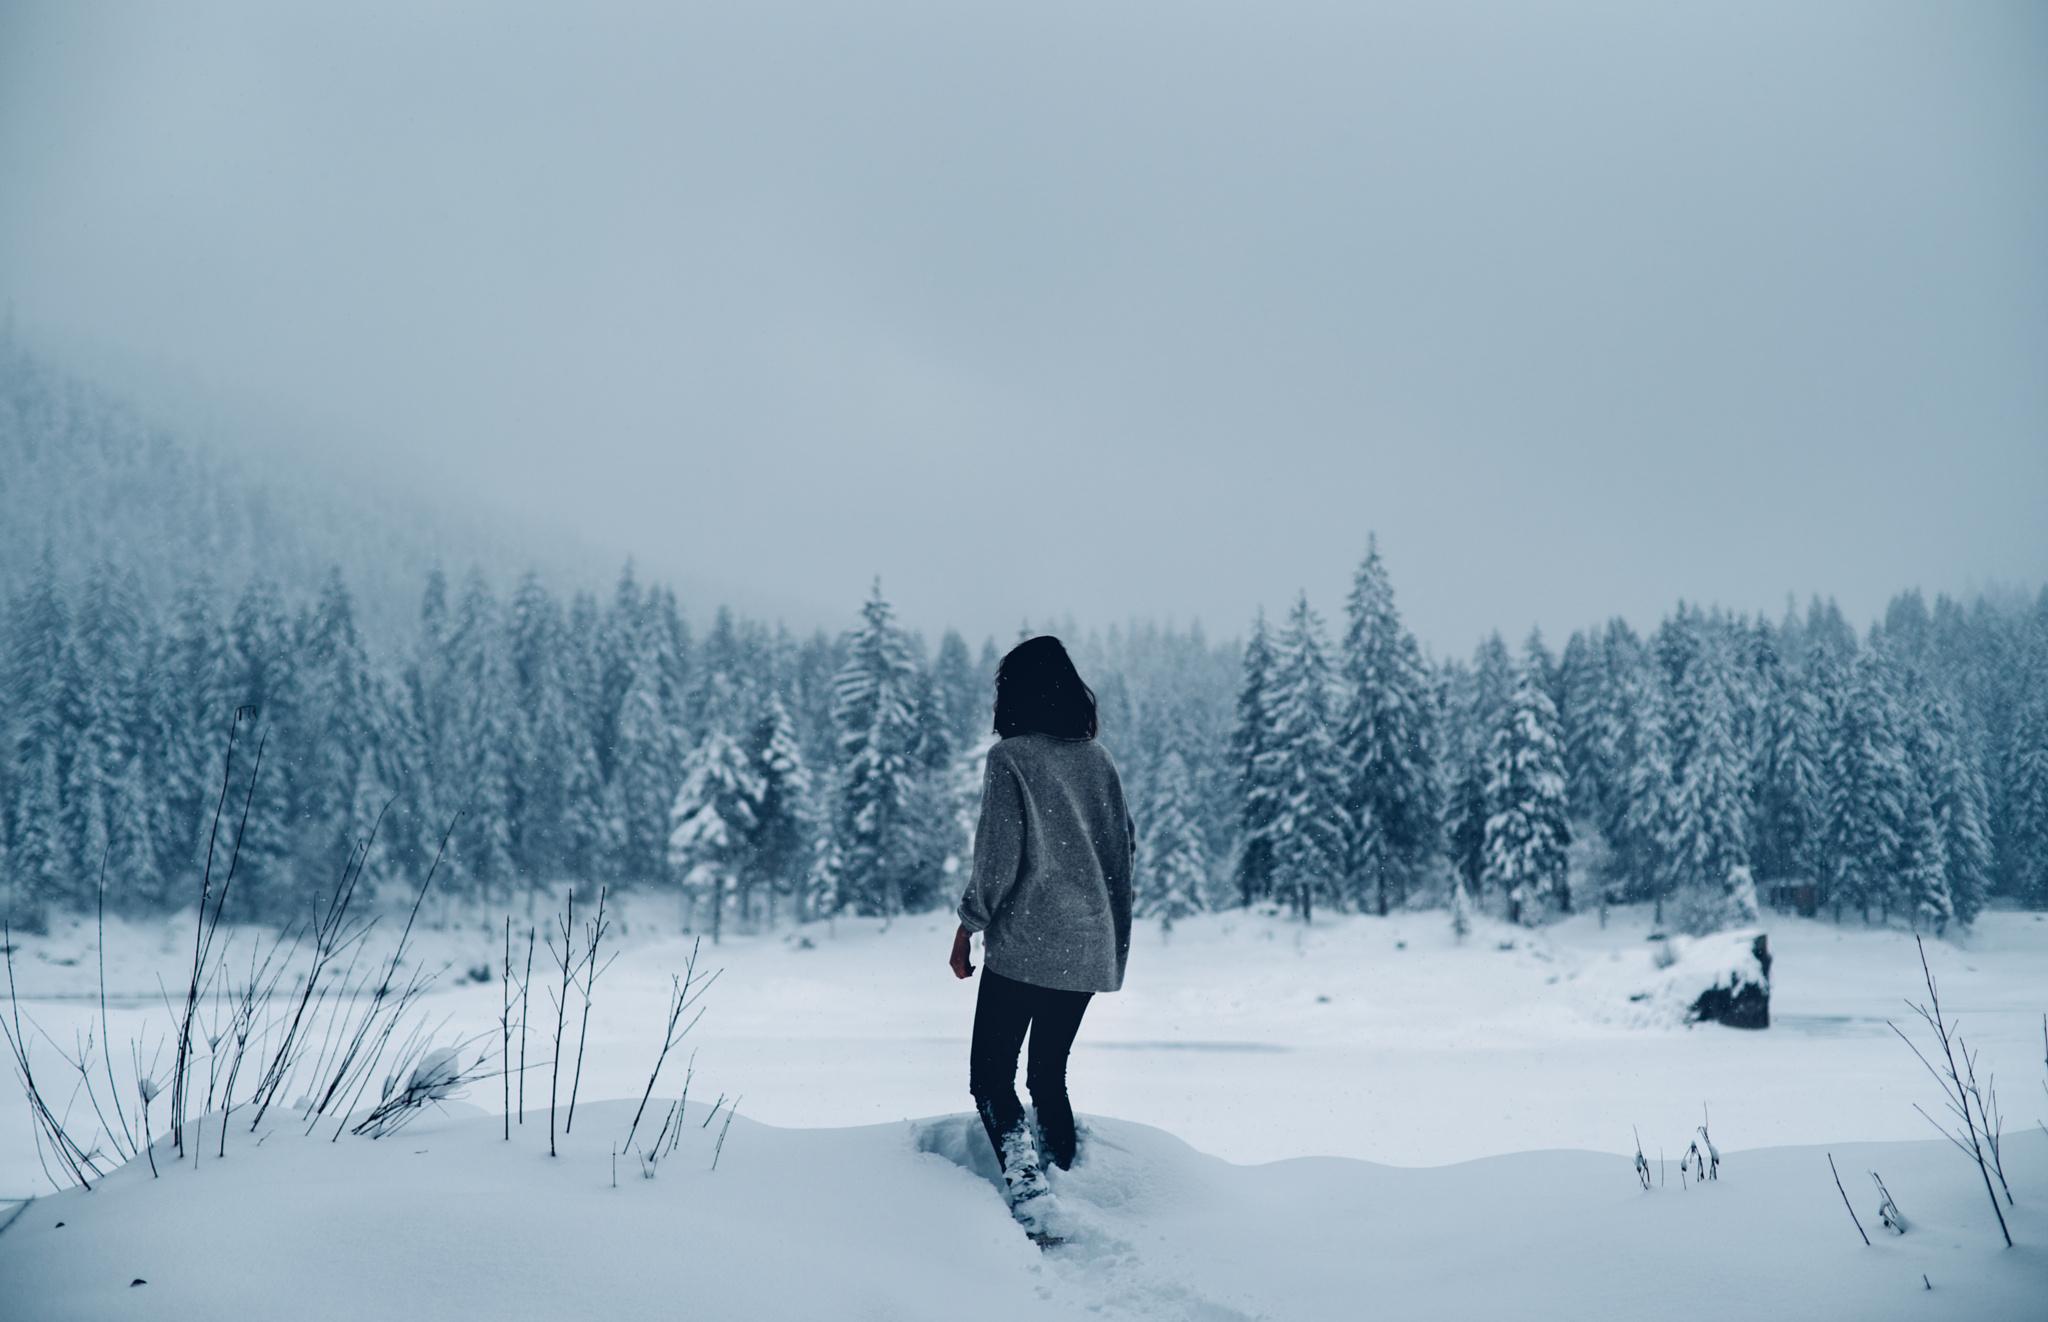 взят картинки человек в далеке зимой восточная женщина